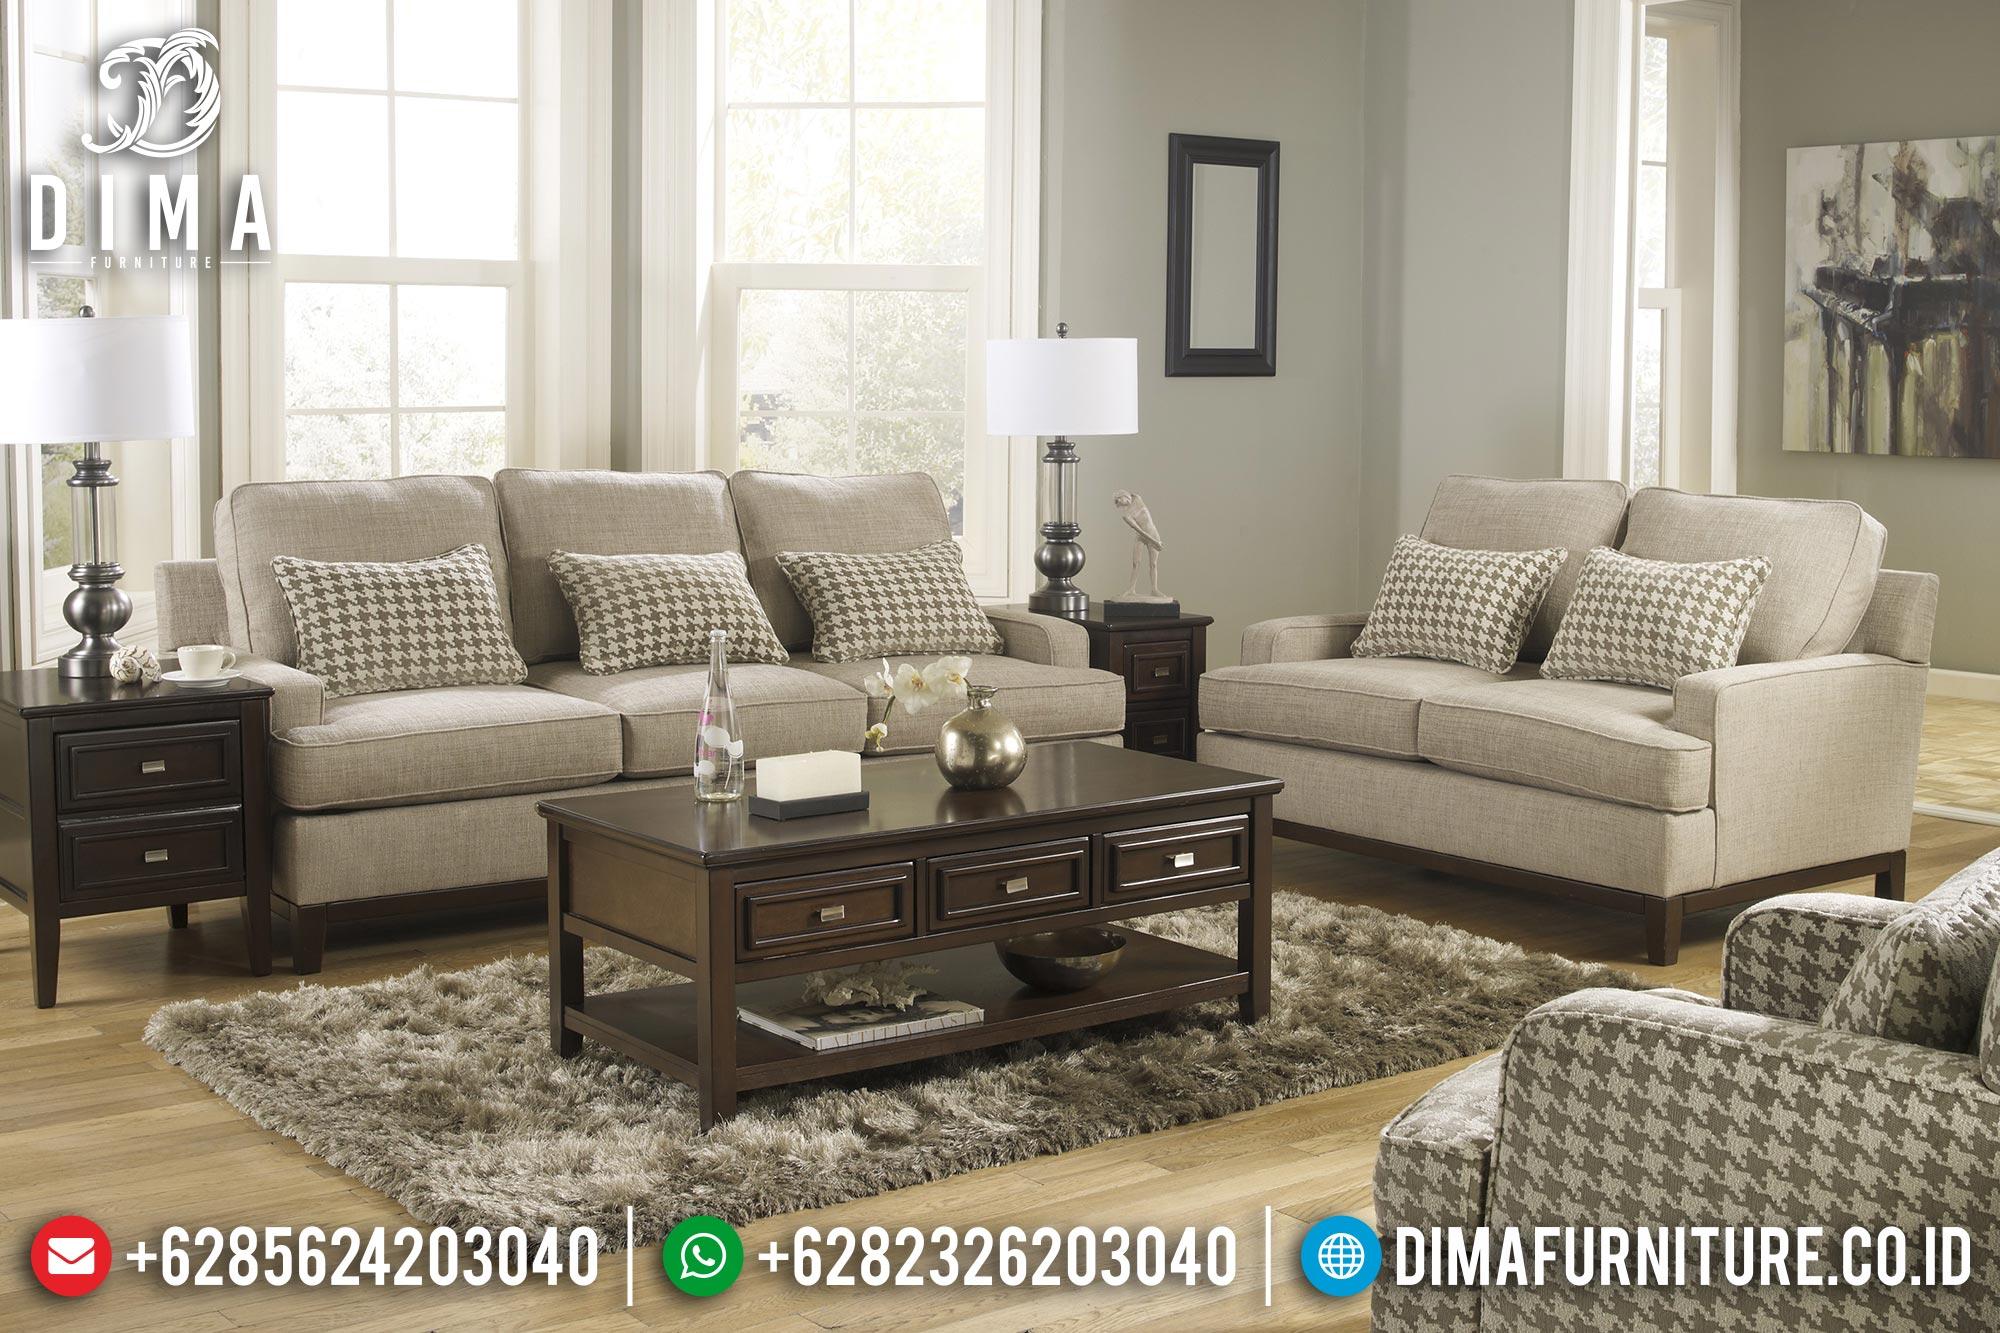 Sofa Tamu Jepara Mewah Minimalis Terbaru 11 Dima Furniture Jepara